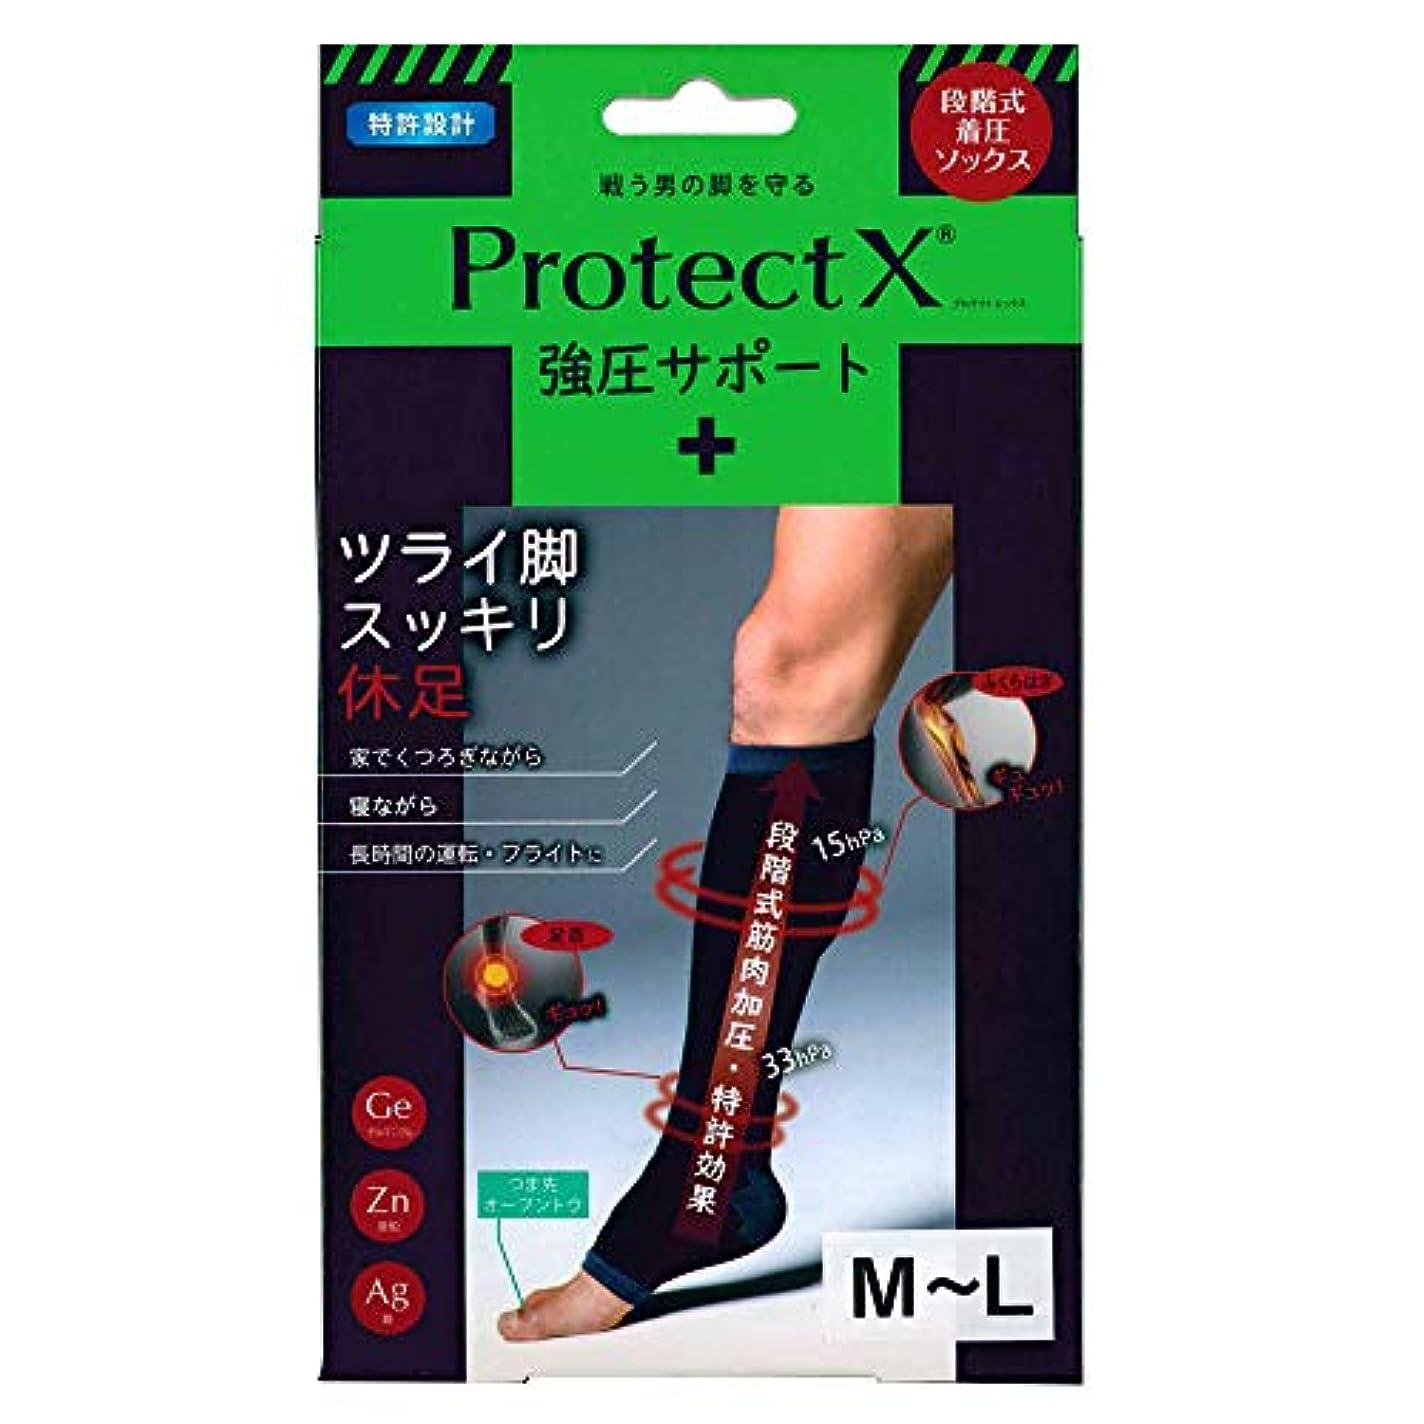 代表団失望させる凶暴なProtect X(プロテクトエックス) 強圧サポート オープントゥ着圧ソックス 膝下 (膝下M-L)